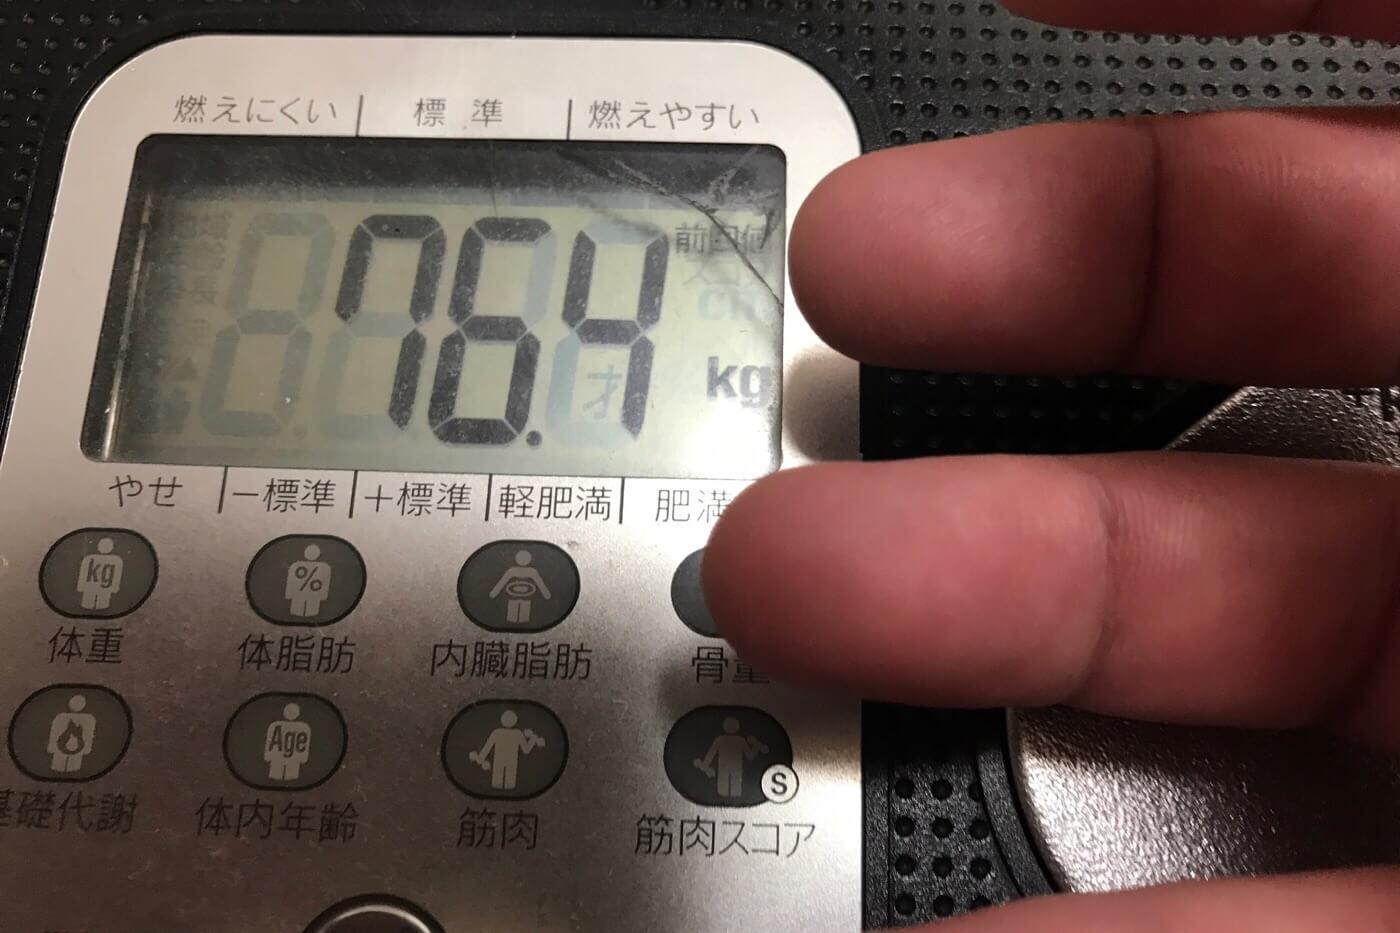 筋トレダイエット4日目の体重測定結果は76.4kg